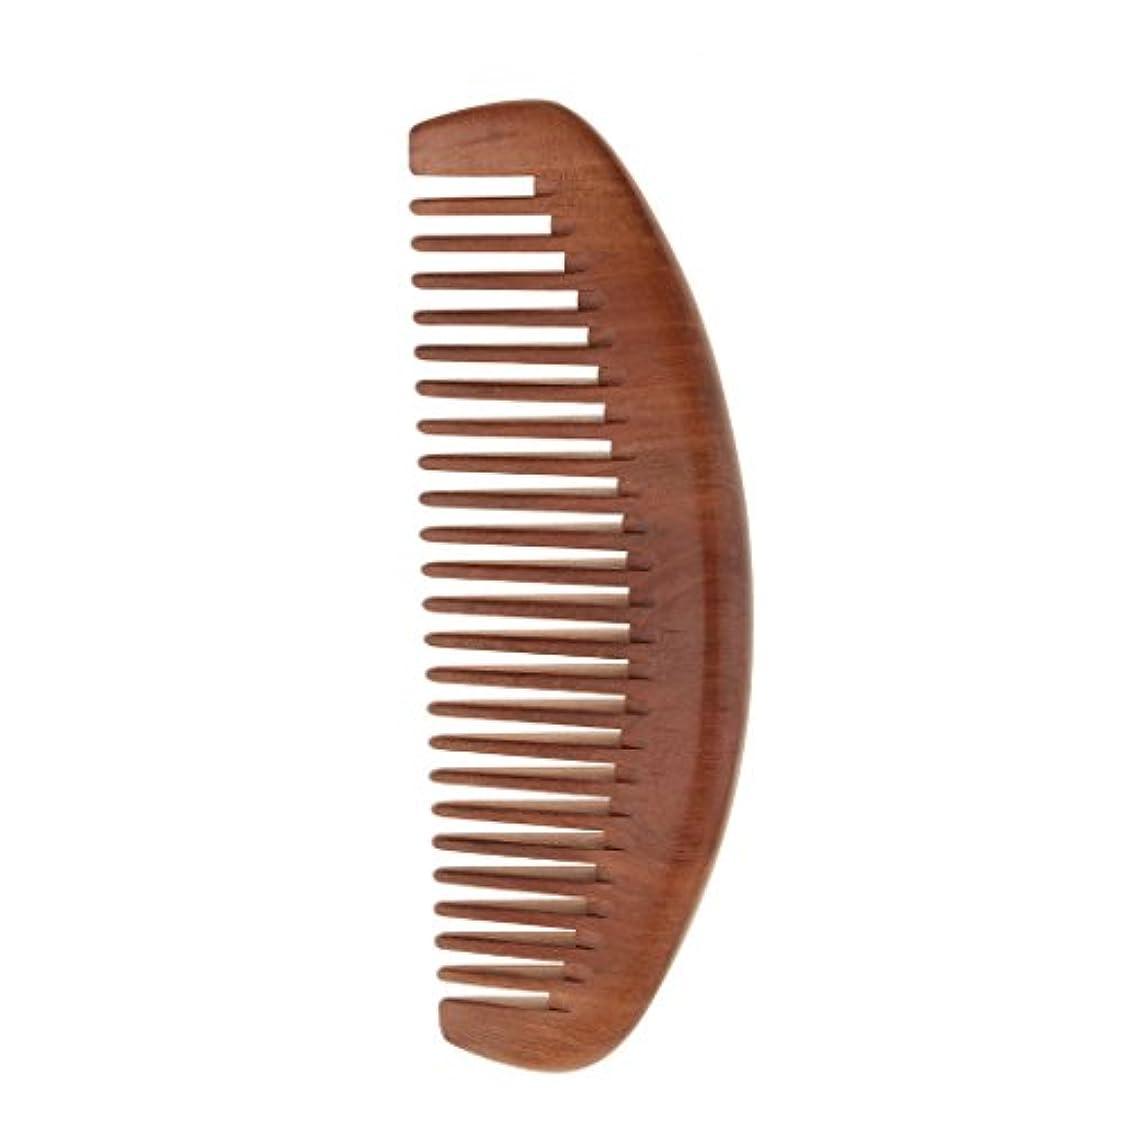 阻害する地図ブレークDYNWAVE 櫛 セットコーム 木製 ヘアコーム ヘアケア 頭皮マッサージ 静電気防止 桃の木 全2種類 - ワイド歯